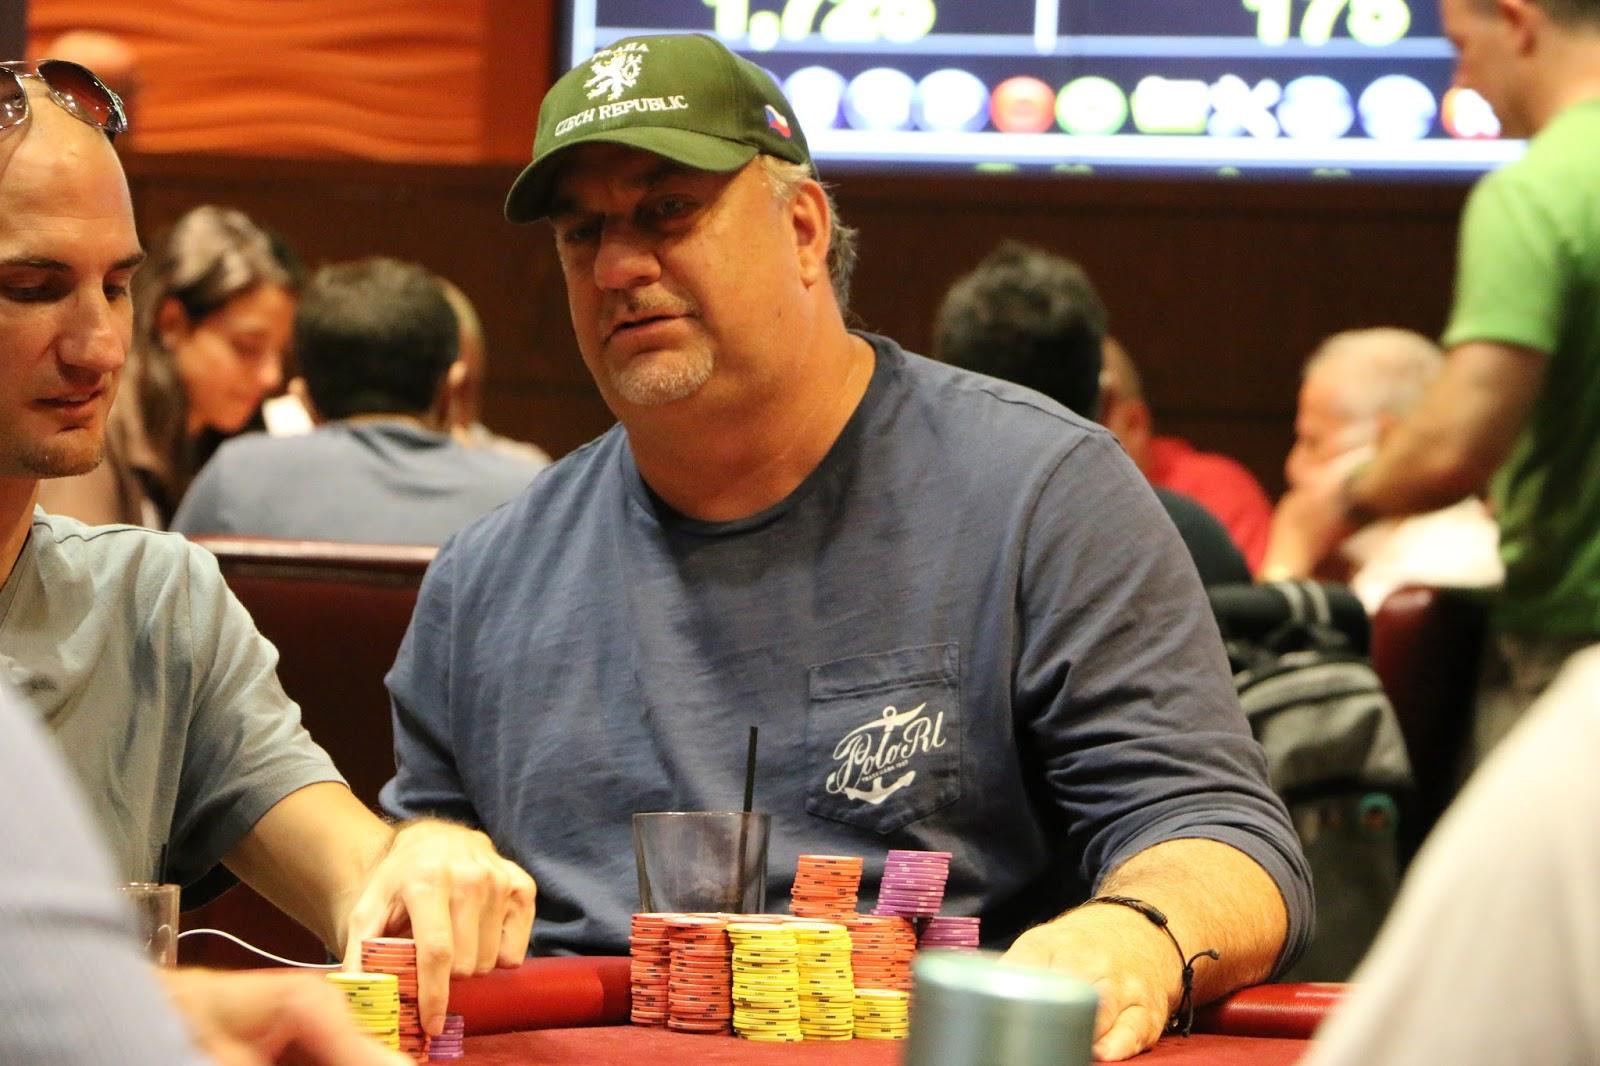 Lynette robinson poker mobilier de jardin a geant casino